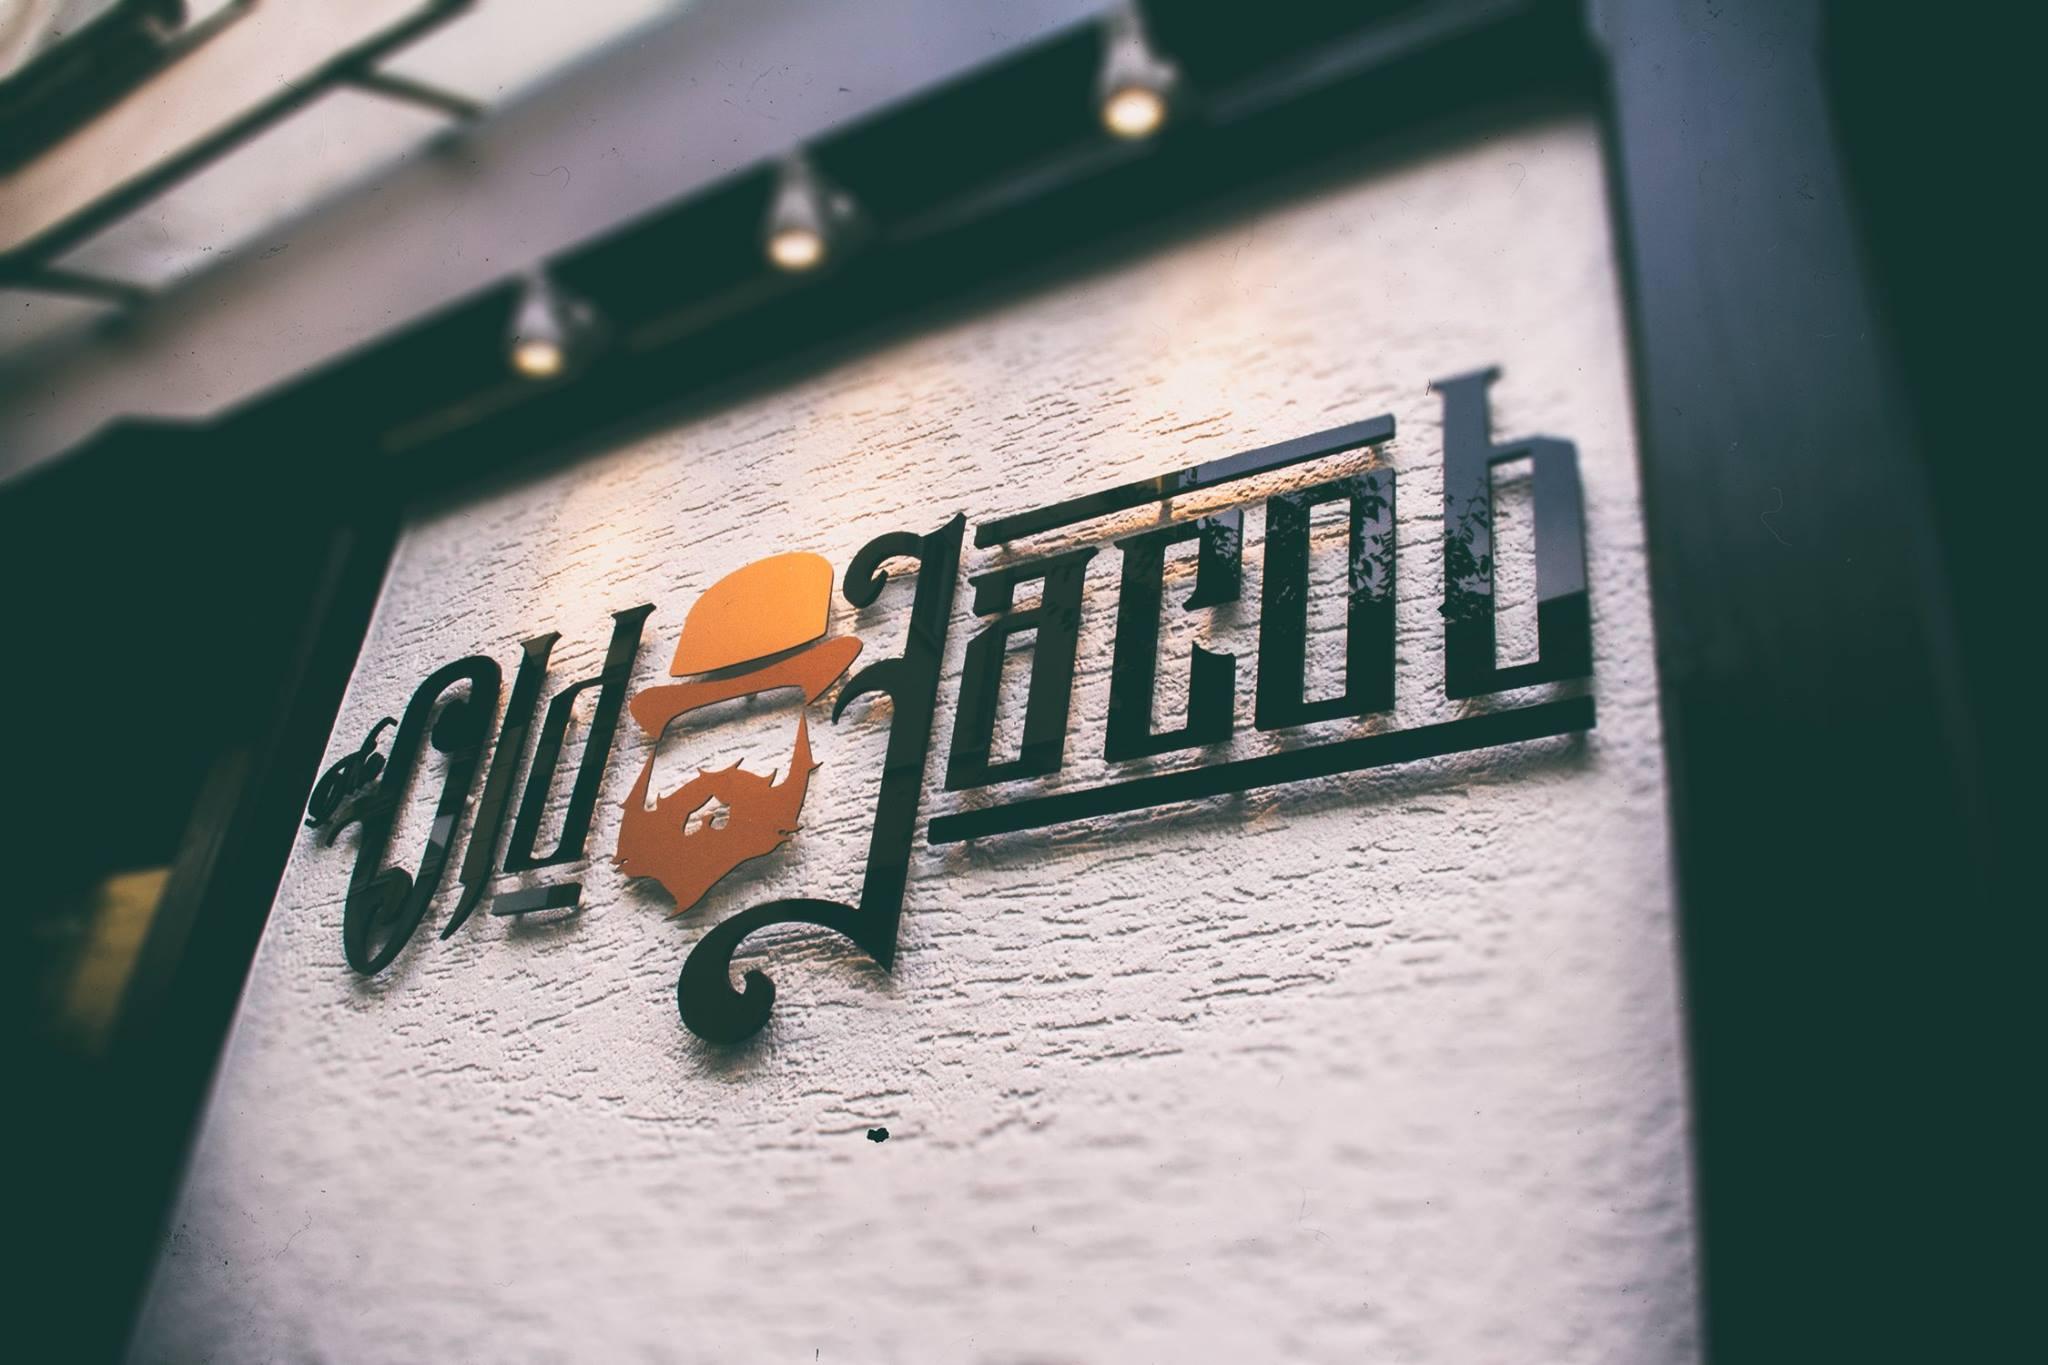 Der Schriftzug der Bar The Old Jacob